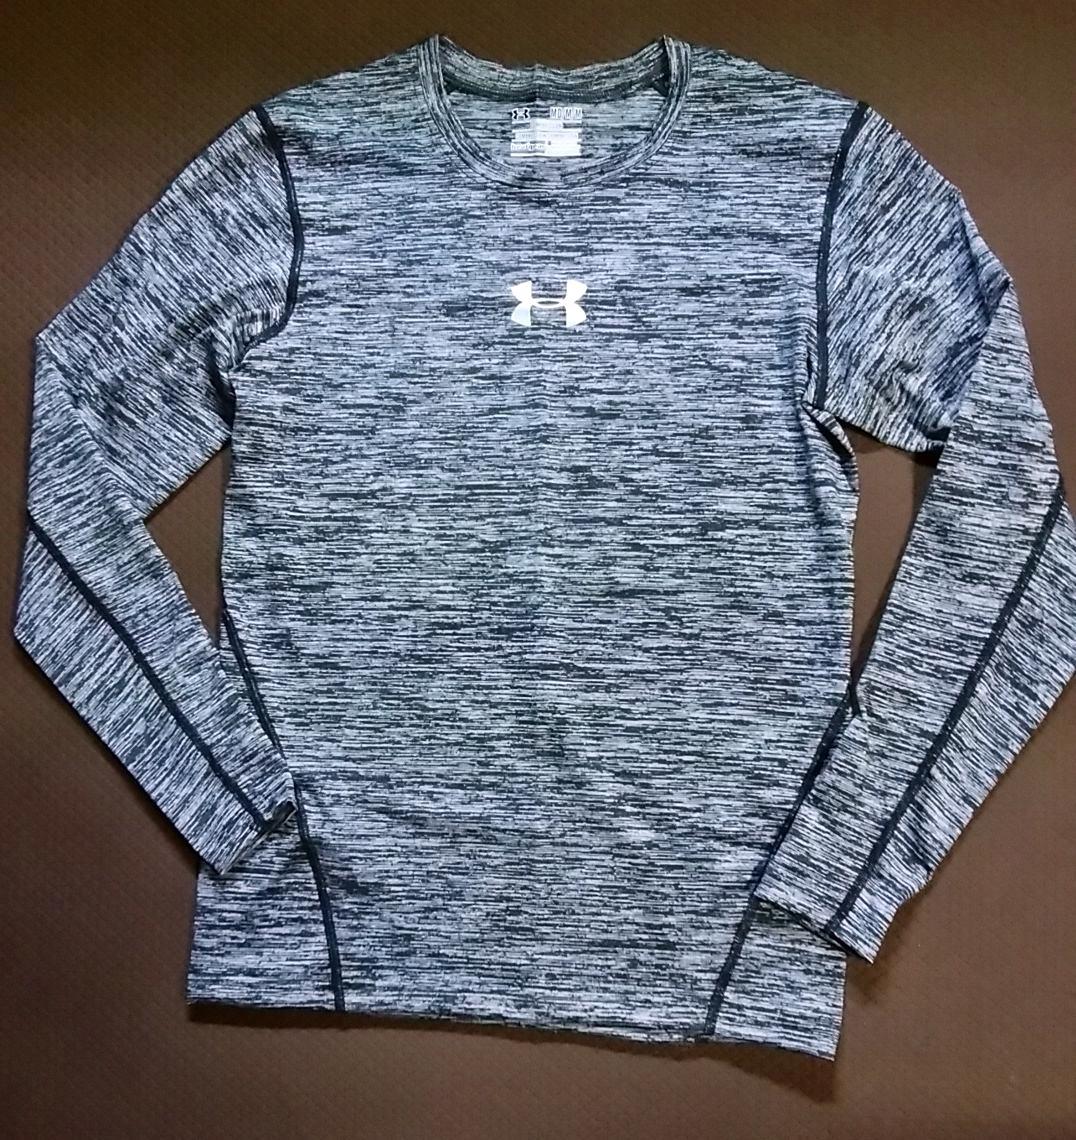 【サイズL】 送料込 アンダーアーマー コンプレッション 長袖 ヒートギア (UA ランニング フィットネス Tシャツ インナー )